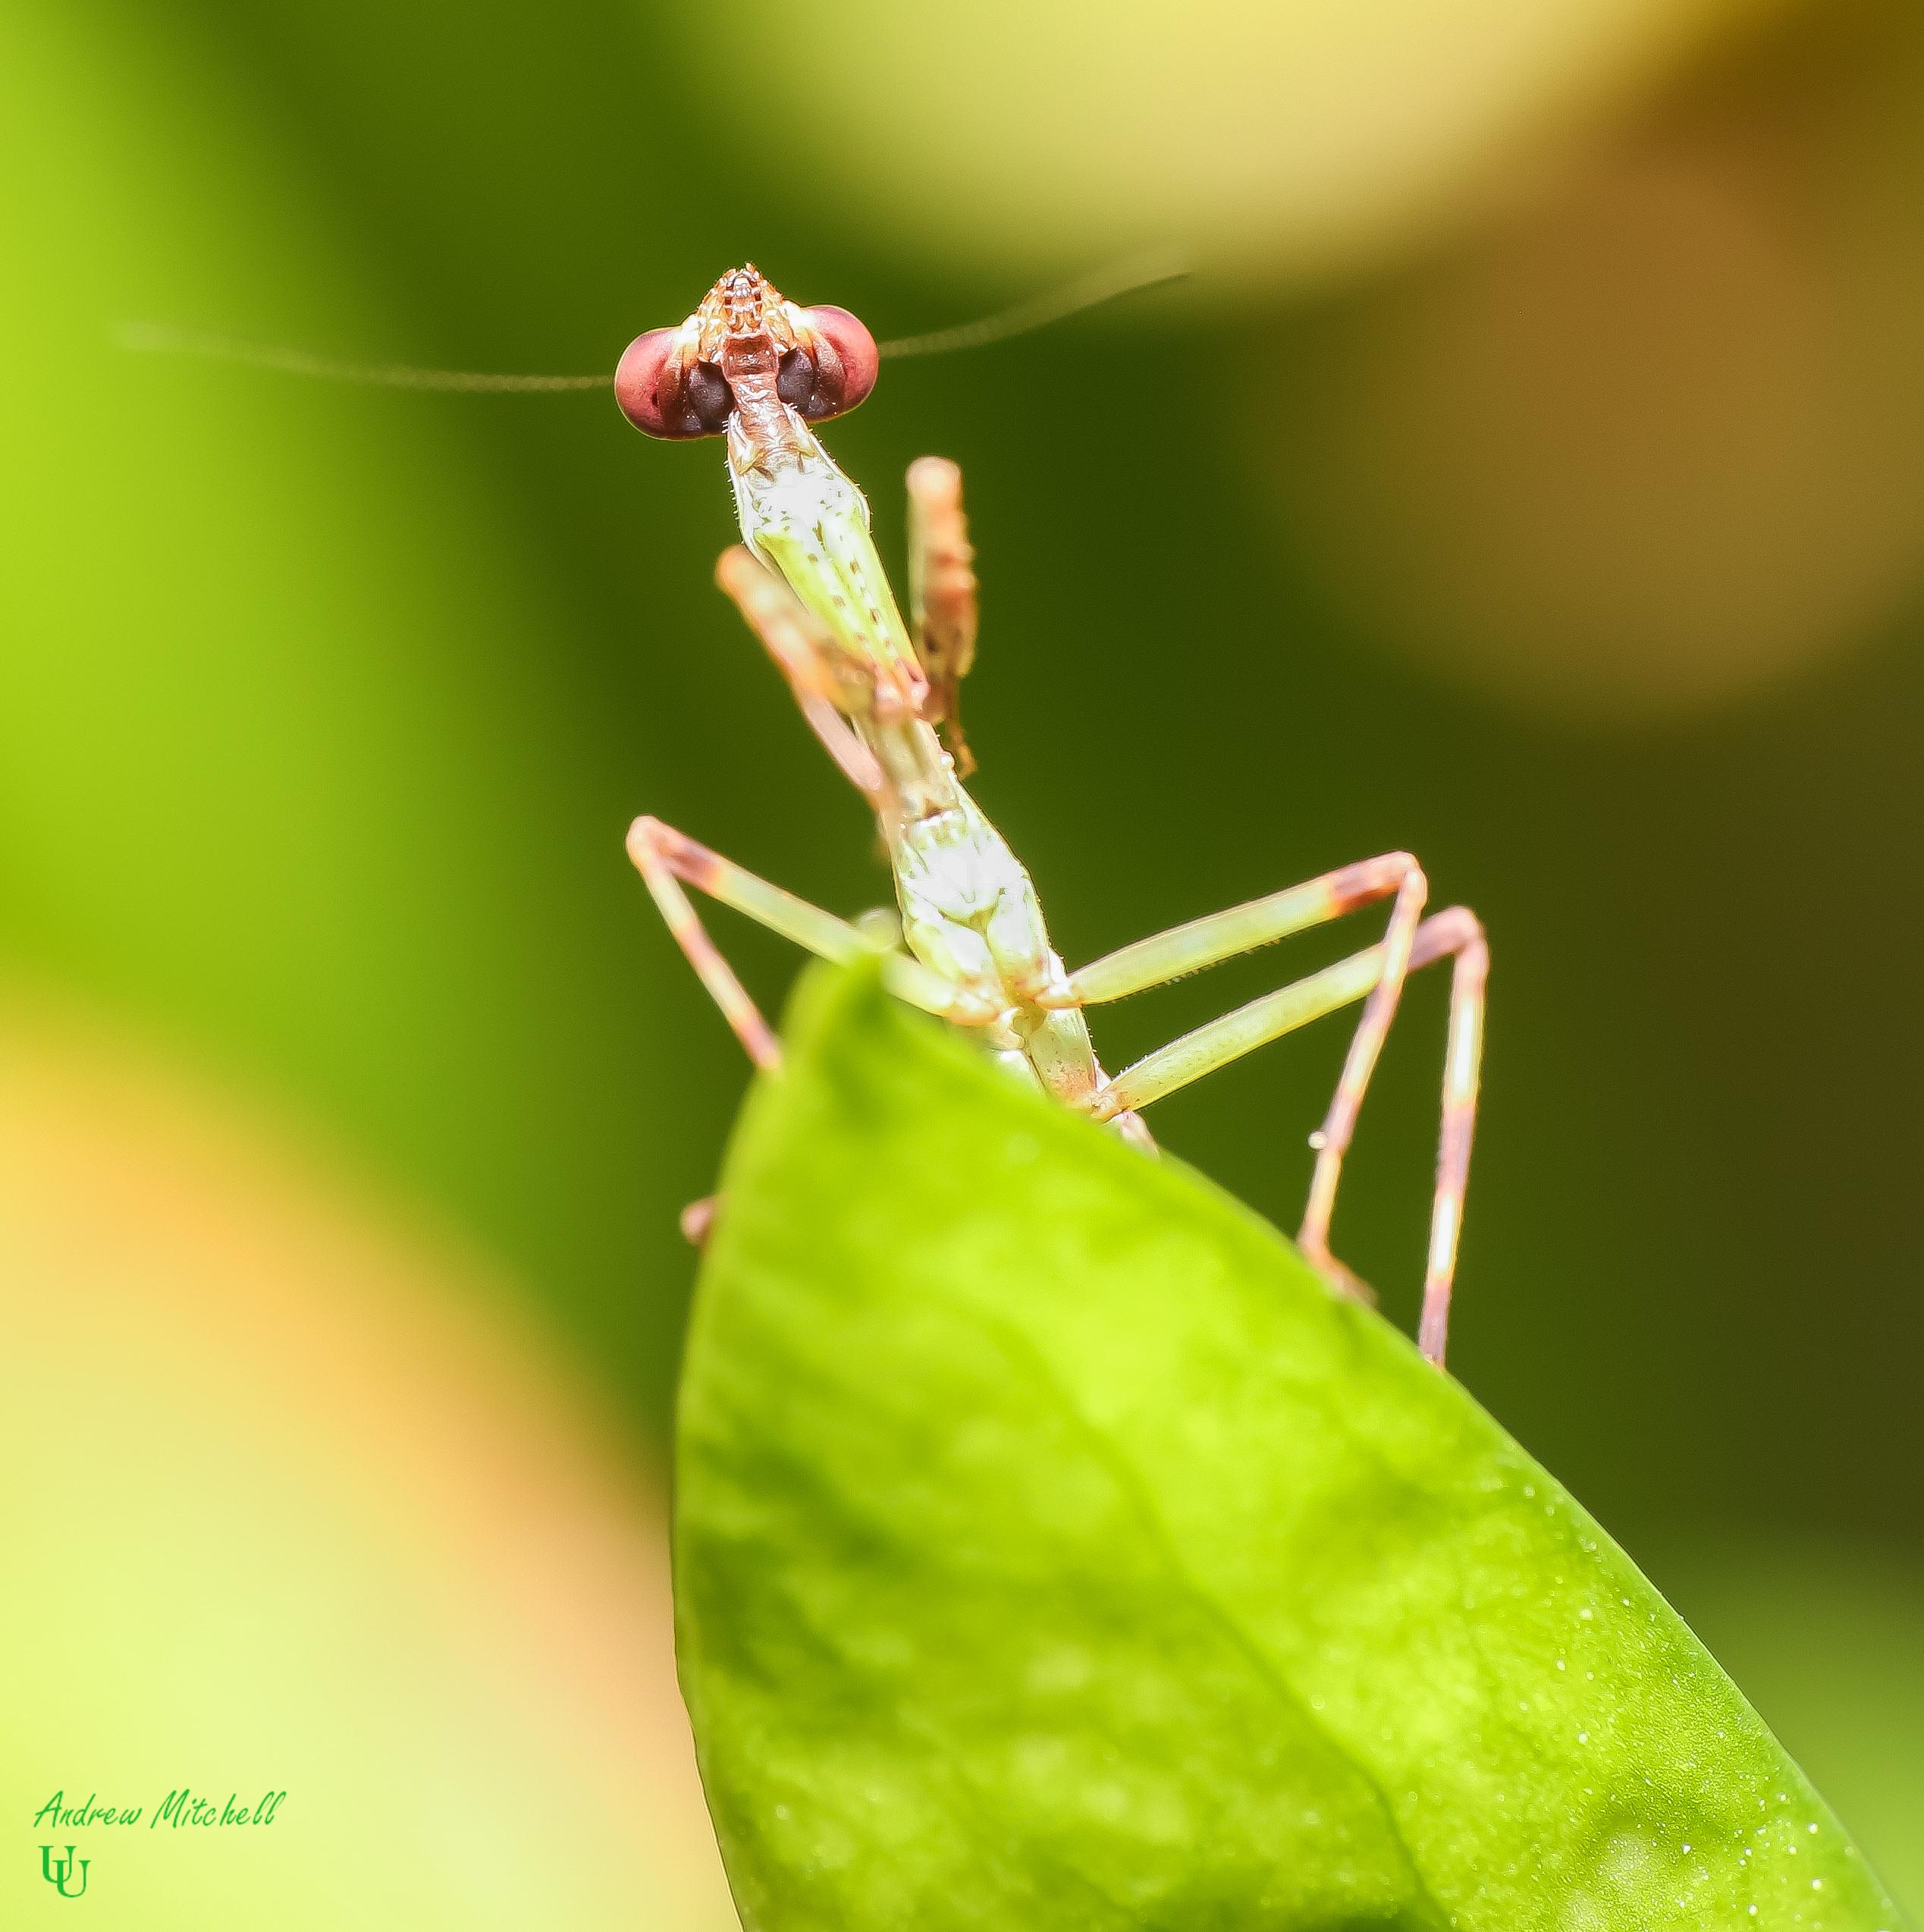 Pseudoxyops Perpulchra Peruvian Leaf Mantis For Sale